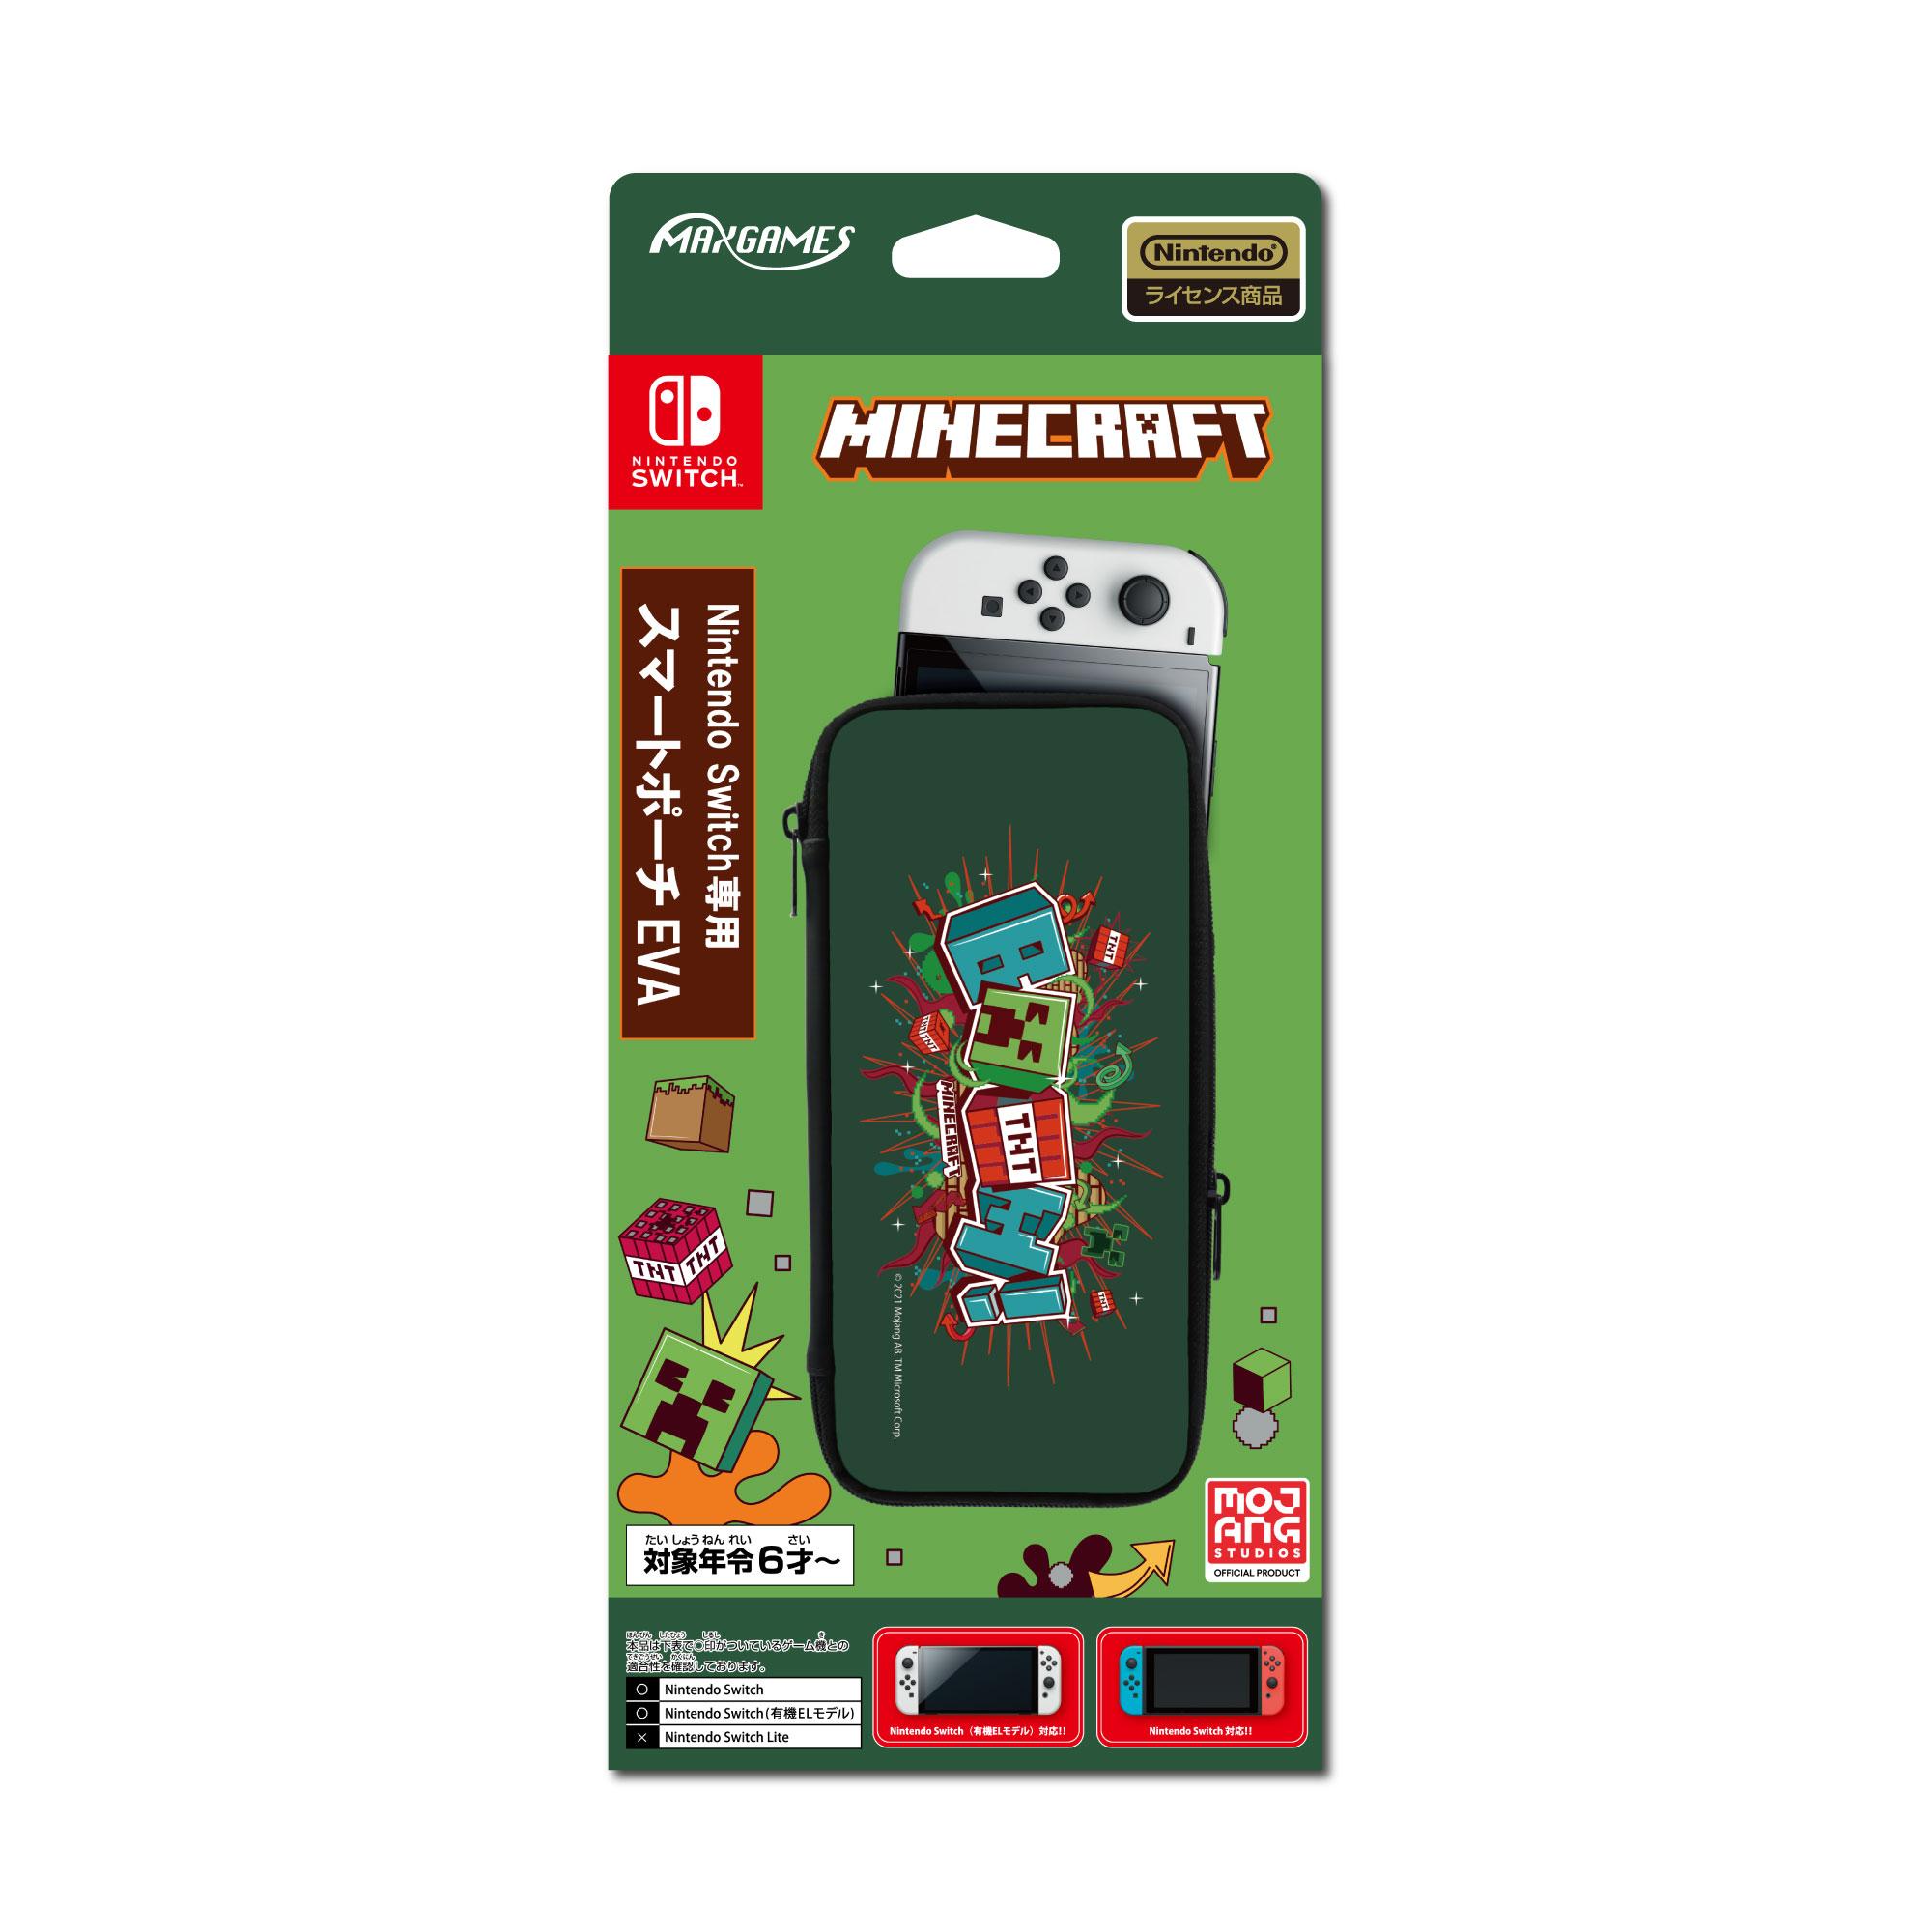 Nintendo Switch専用<br>スマートポーチEVA<br>マインクラフト グラフィックデザイン